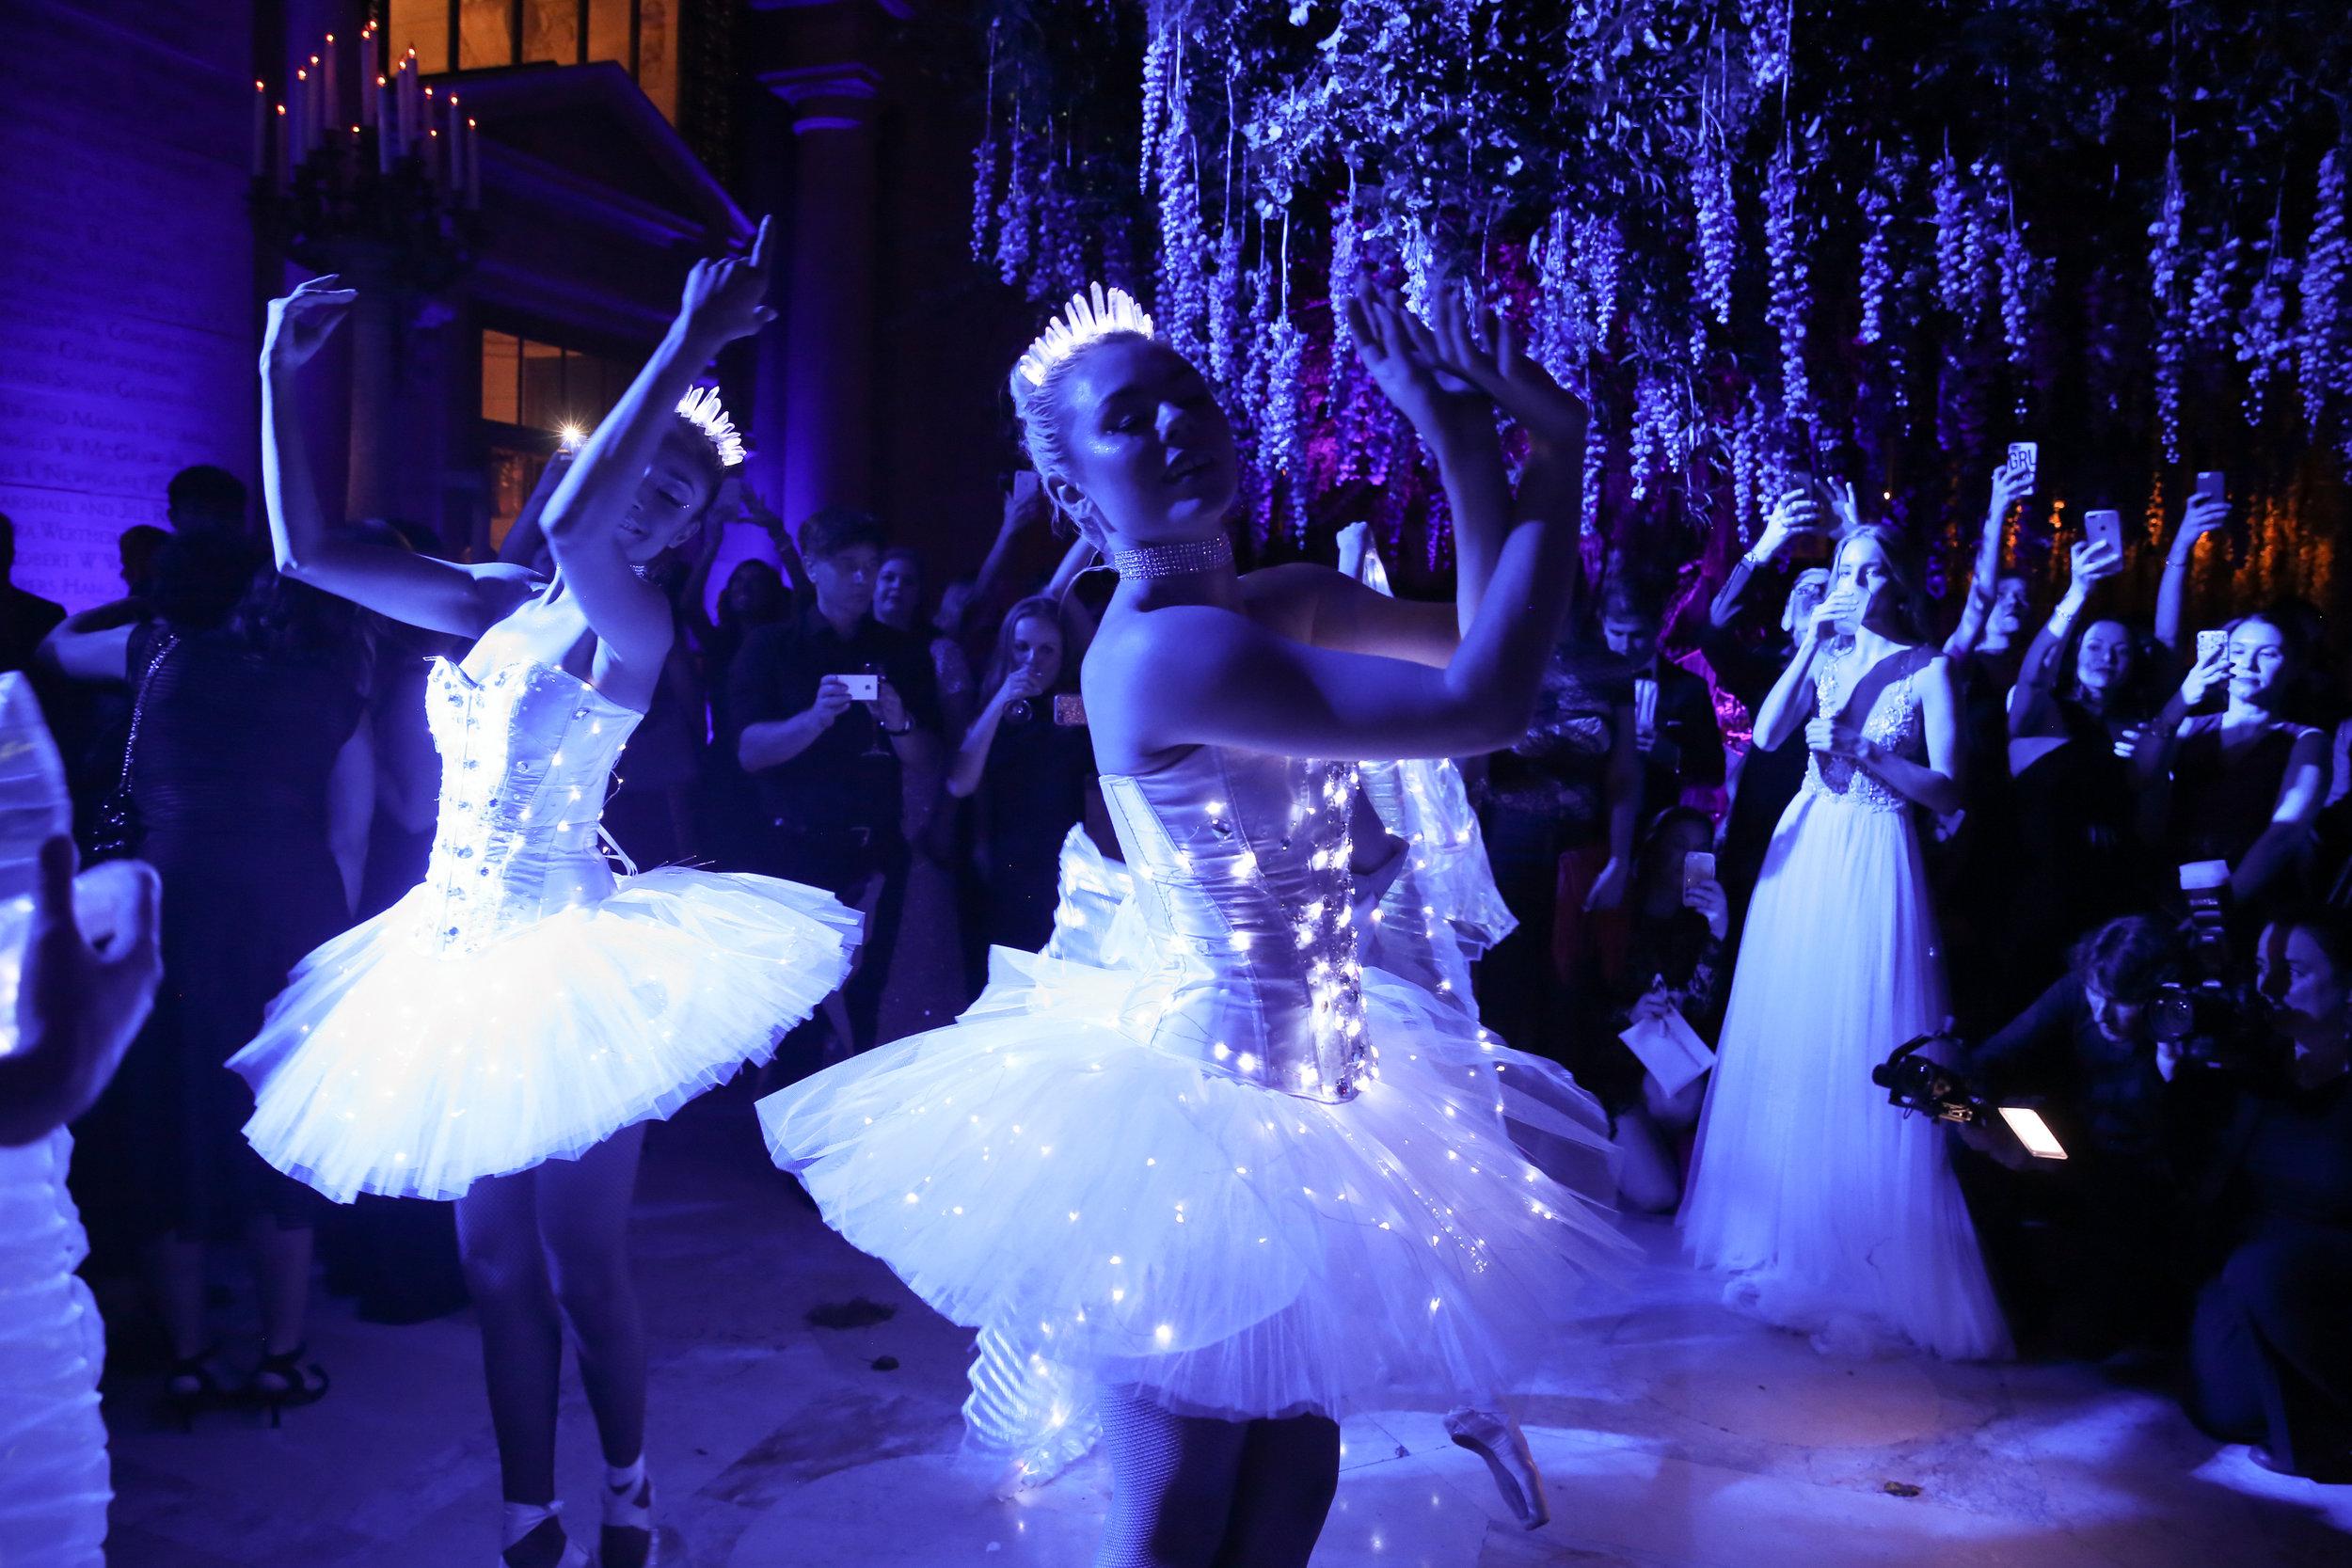 Illuminated Ballerinas